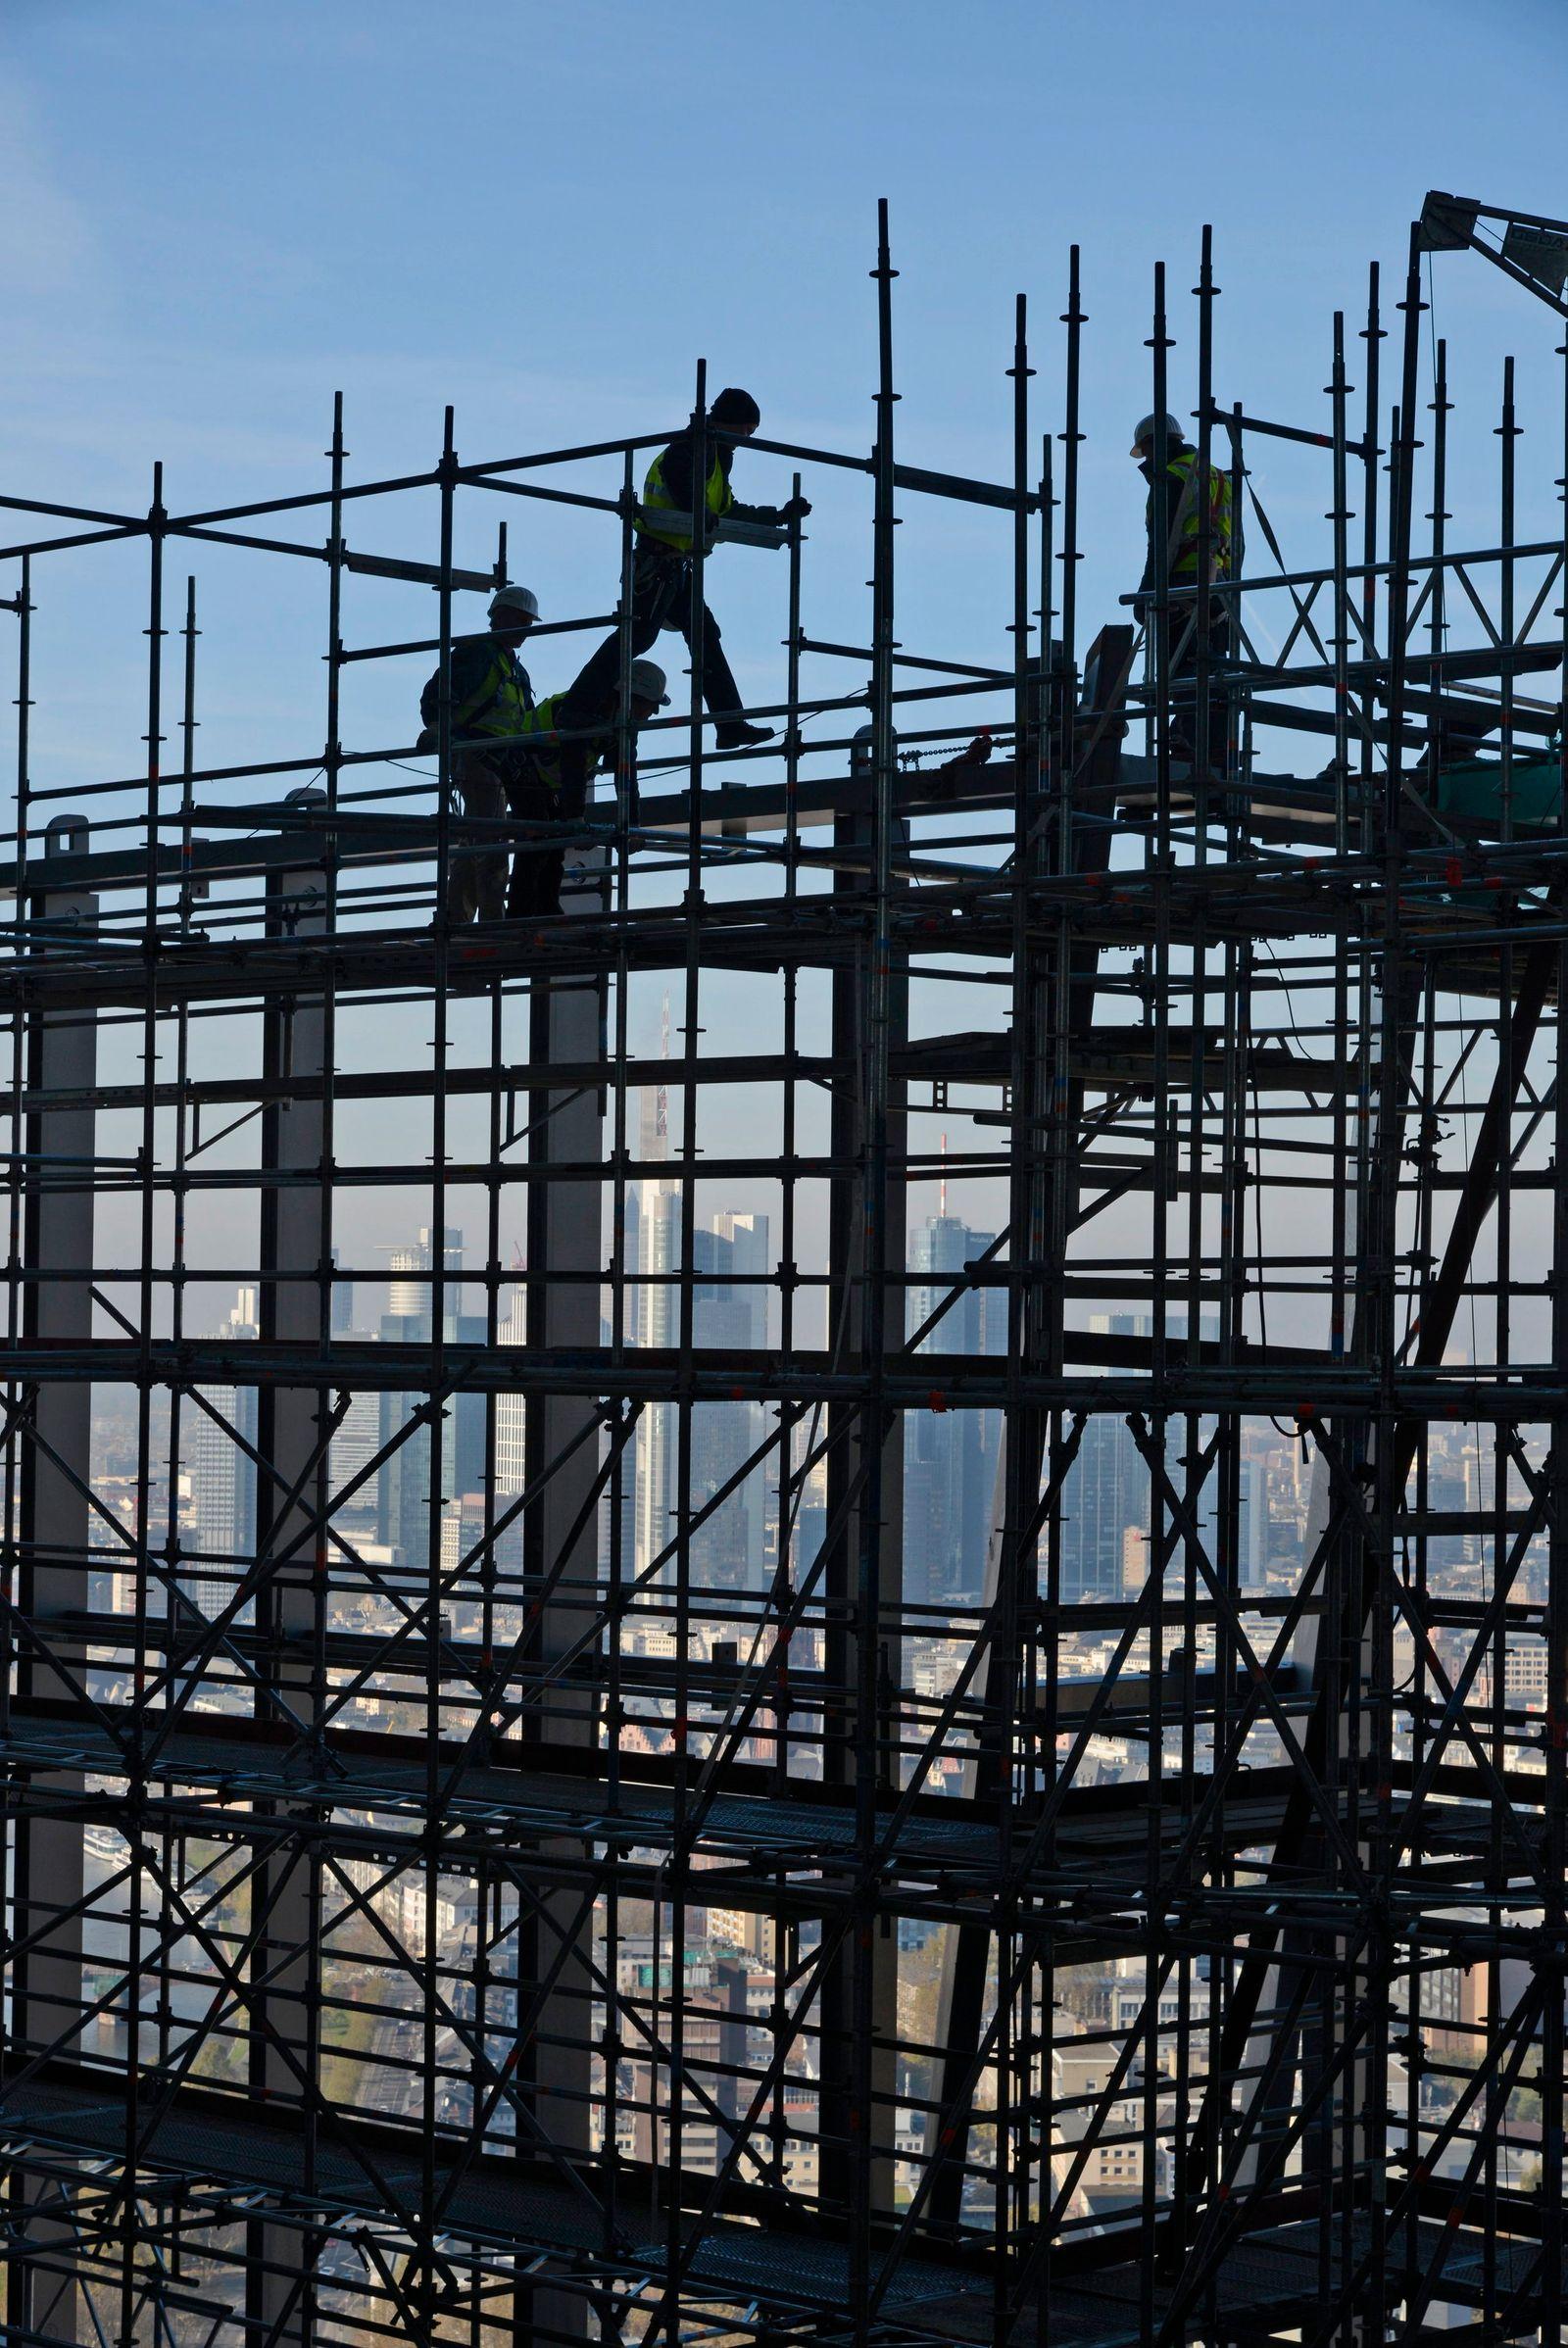 Deutschland / Konjunktur / Baustelle / Bauarbeiter / Leiharbeiter